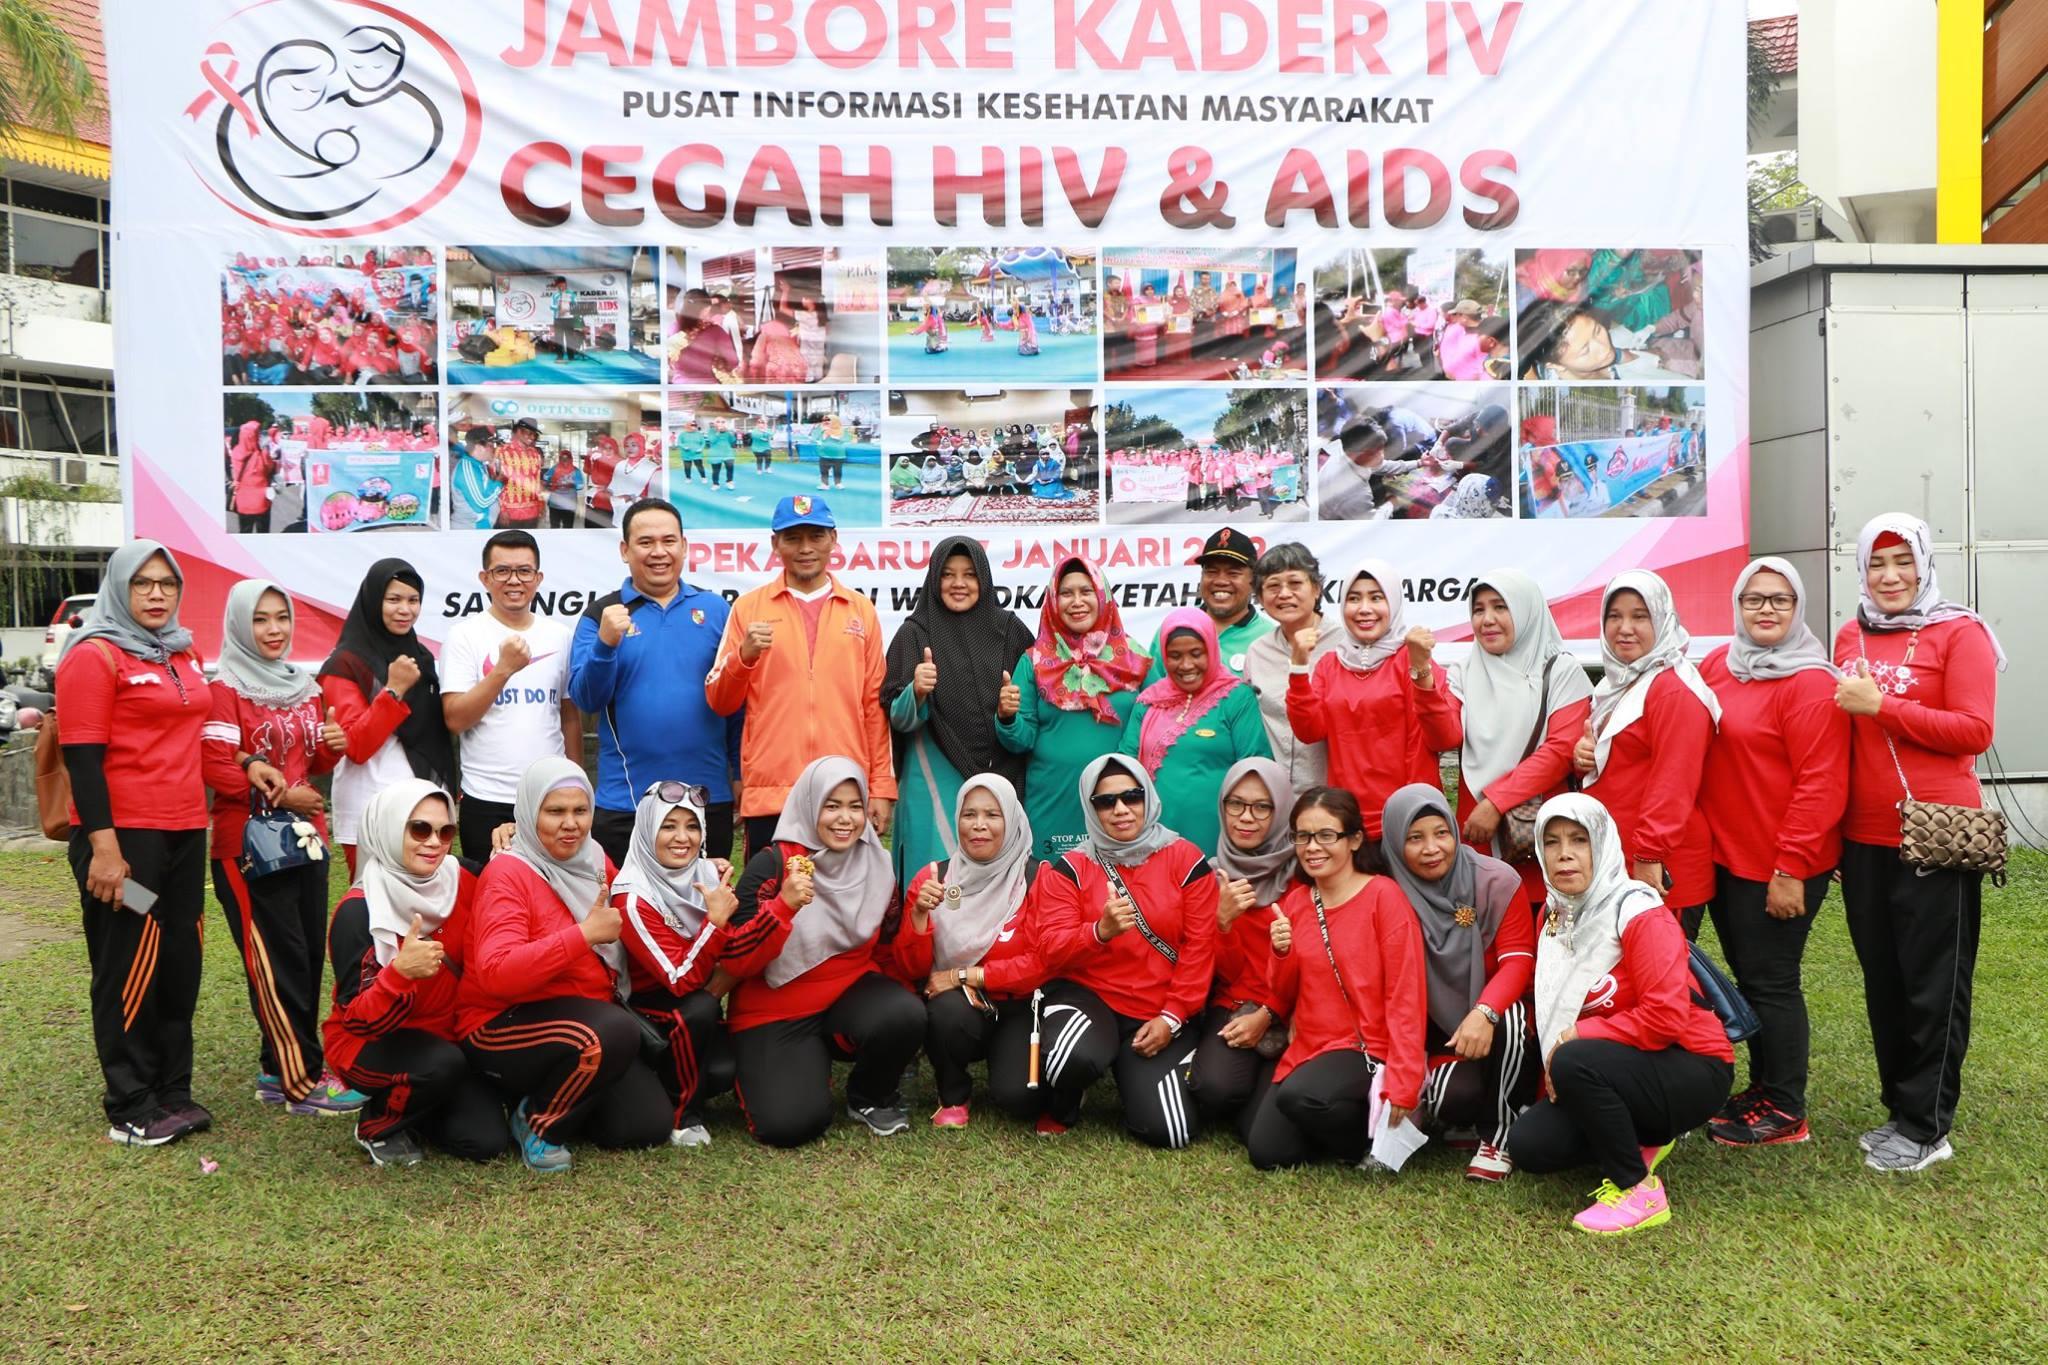 Wakil Walikota Pekanbaru Ayat Cahyadi Membuka Kegiatan Jambore Kader PIKM IV HIV & AIDS Tingkat Kota